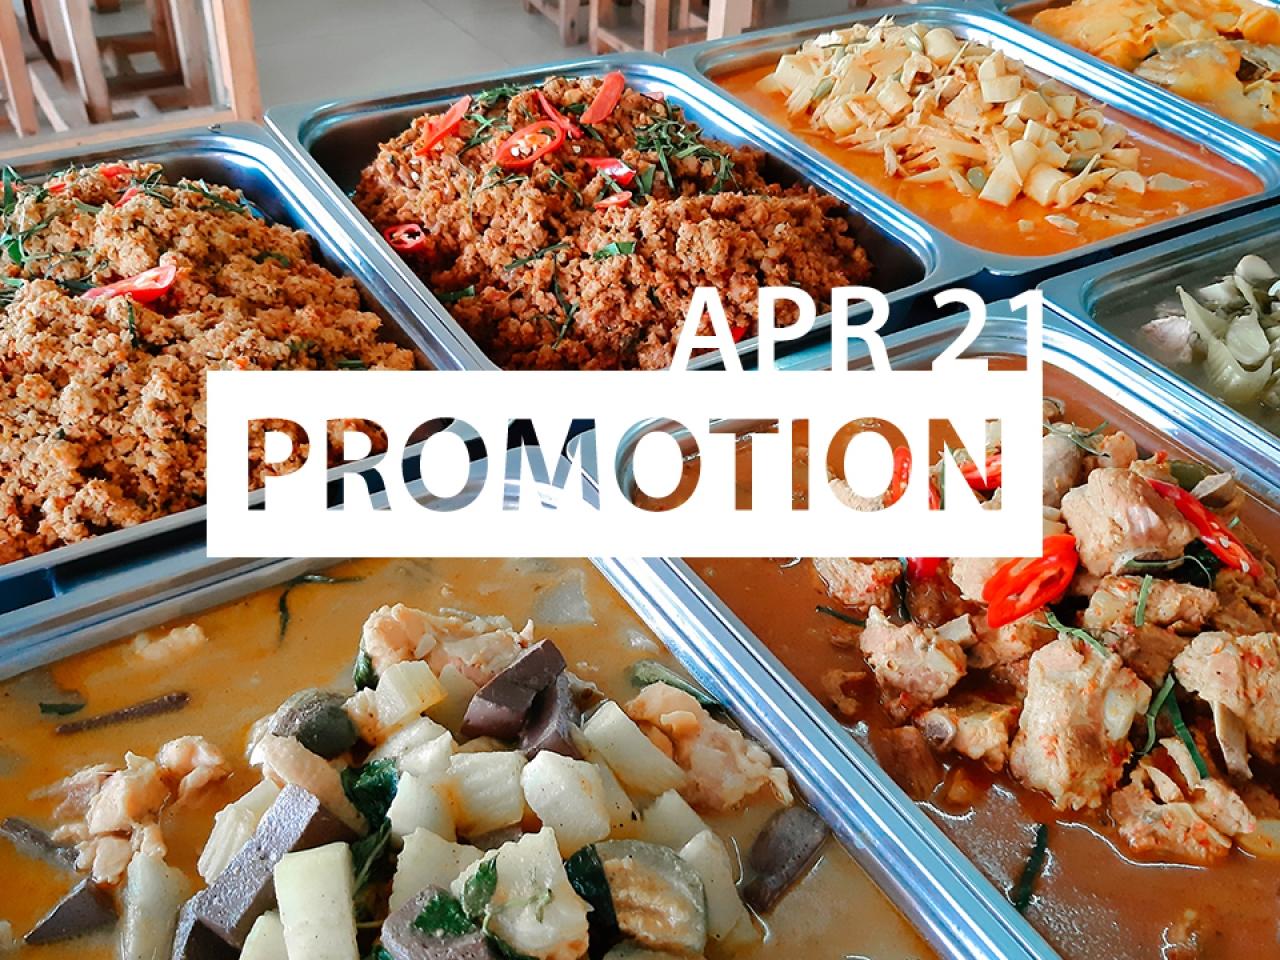 promotion-apr21